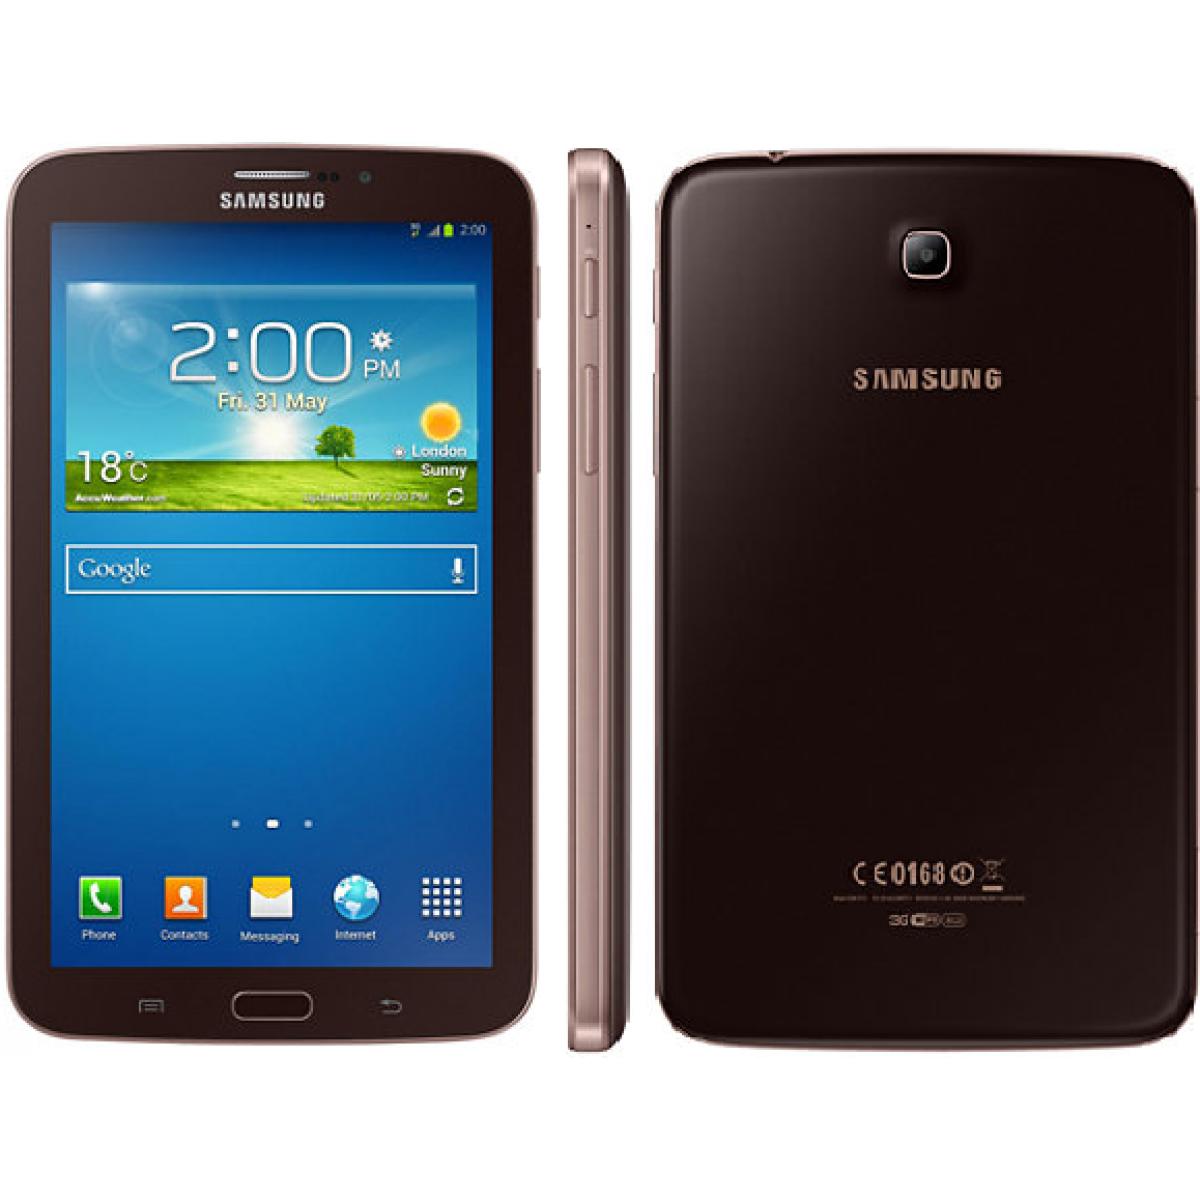 Solusi Jalur Cas Dan Usb Samsung Galaxy Tab 3 Sm T211 Not Charging Connector Charge Charger P3200 Konektor Kali Ini Saya Akan Memberikan Sedikit Ilmu Yaitu Tentang Memperbaiki Atau Yang Tidak Bisa Di